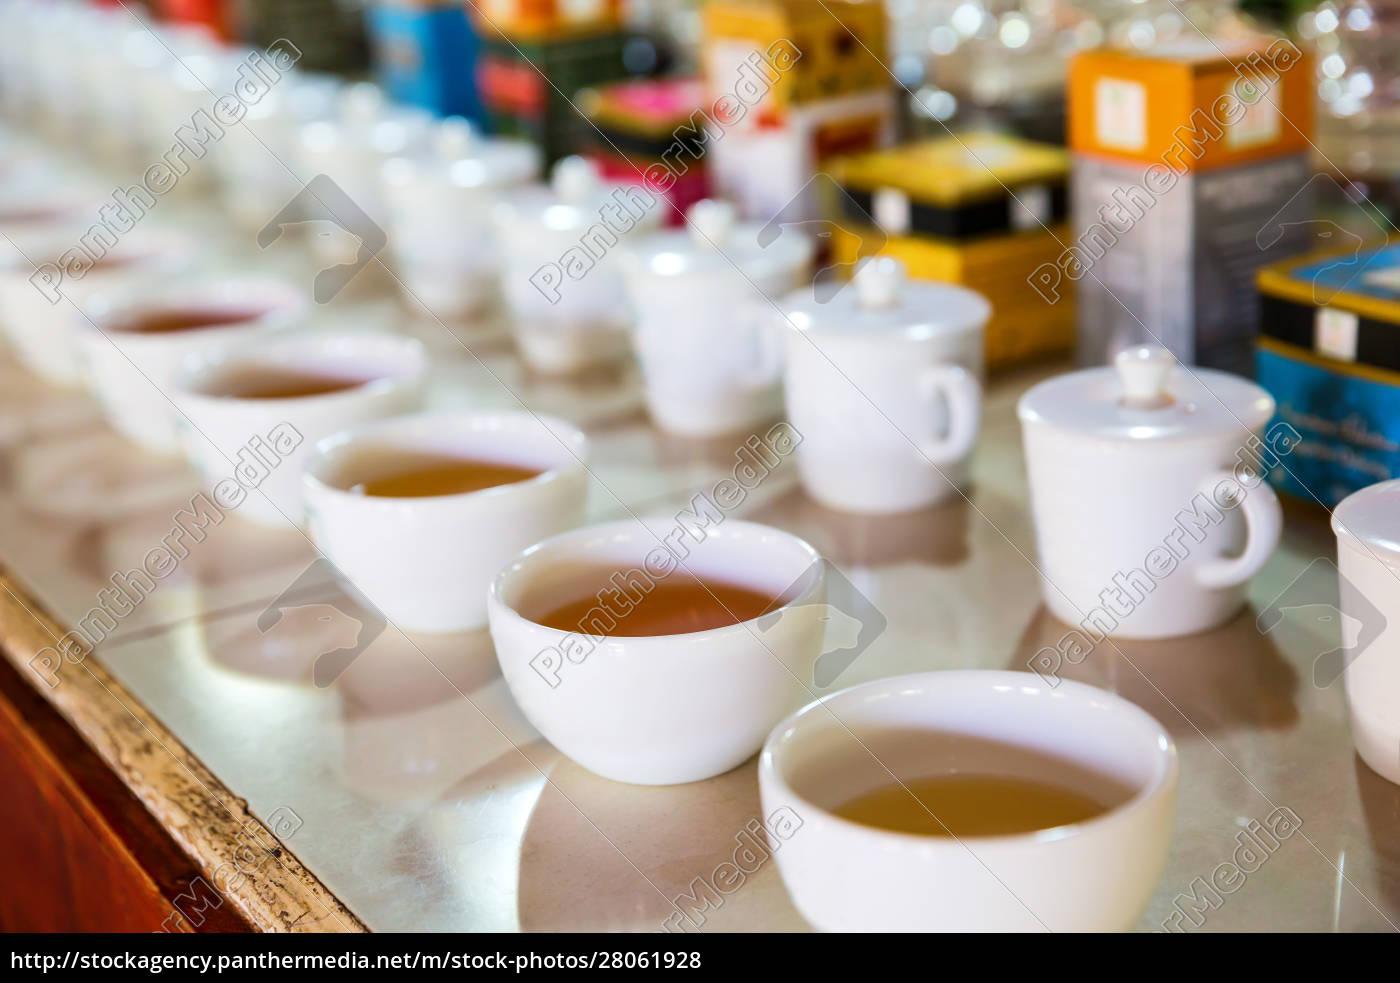 ceylon, tea, tasting, cups, , tourist, excursion - 28061928